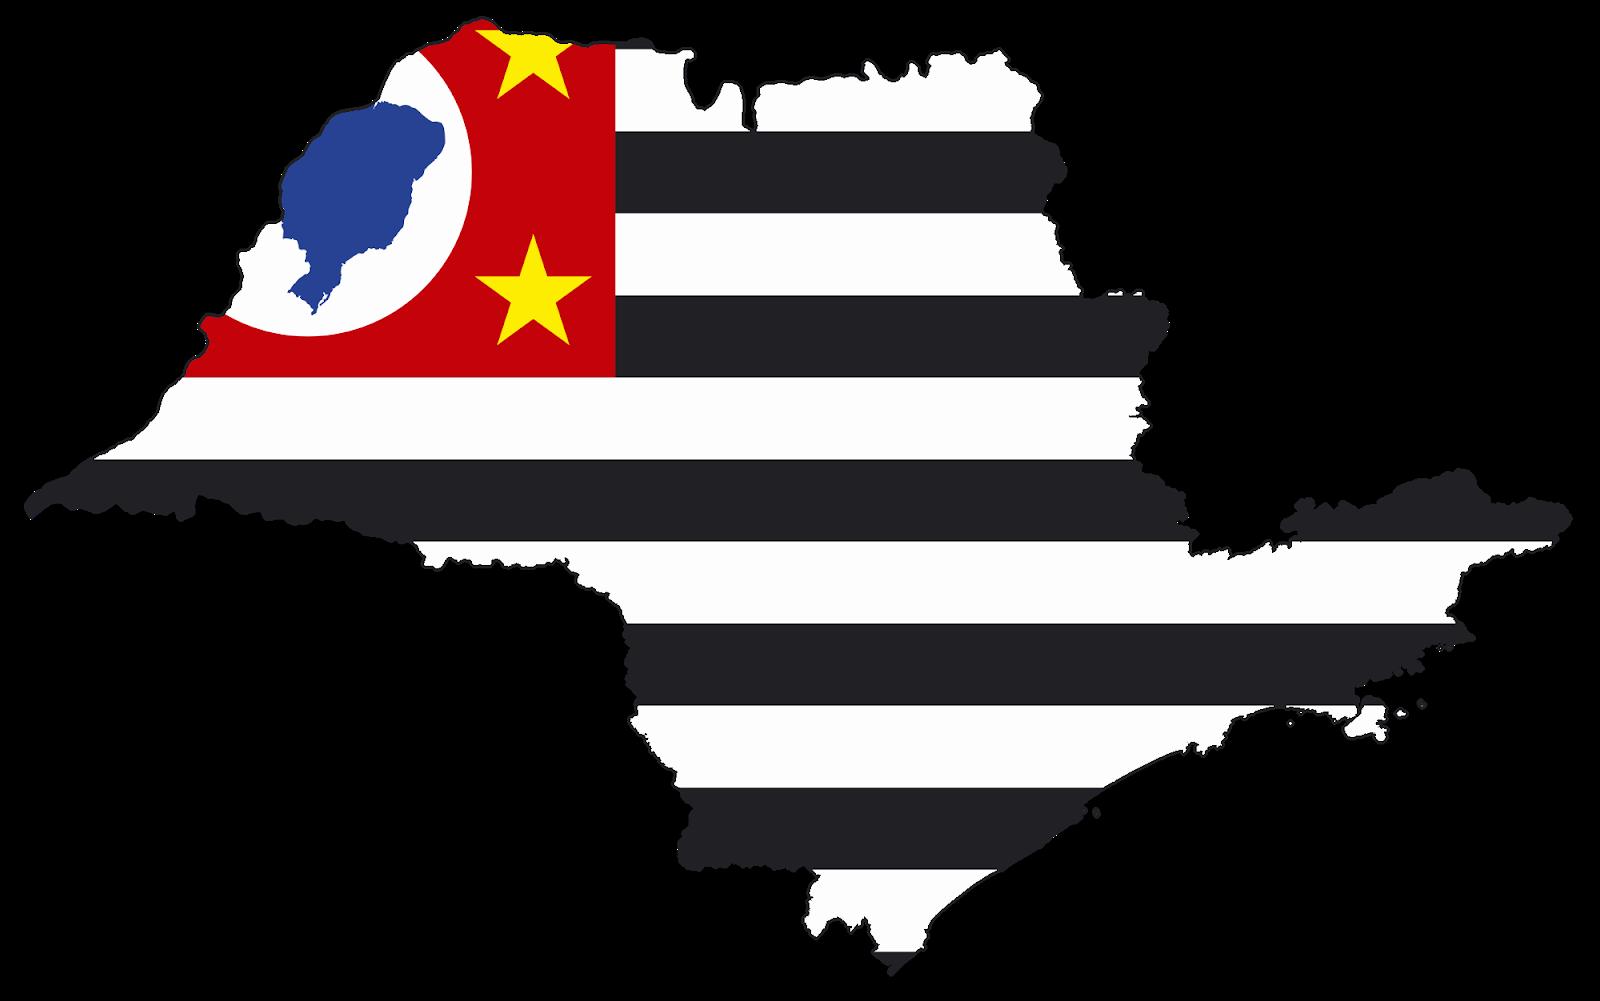 Mapa Bandeira do Estado de São Paulo  0d296651a46f6